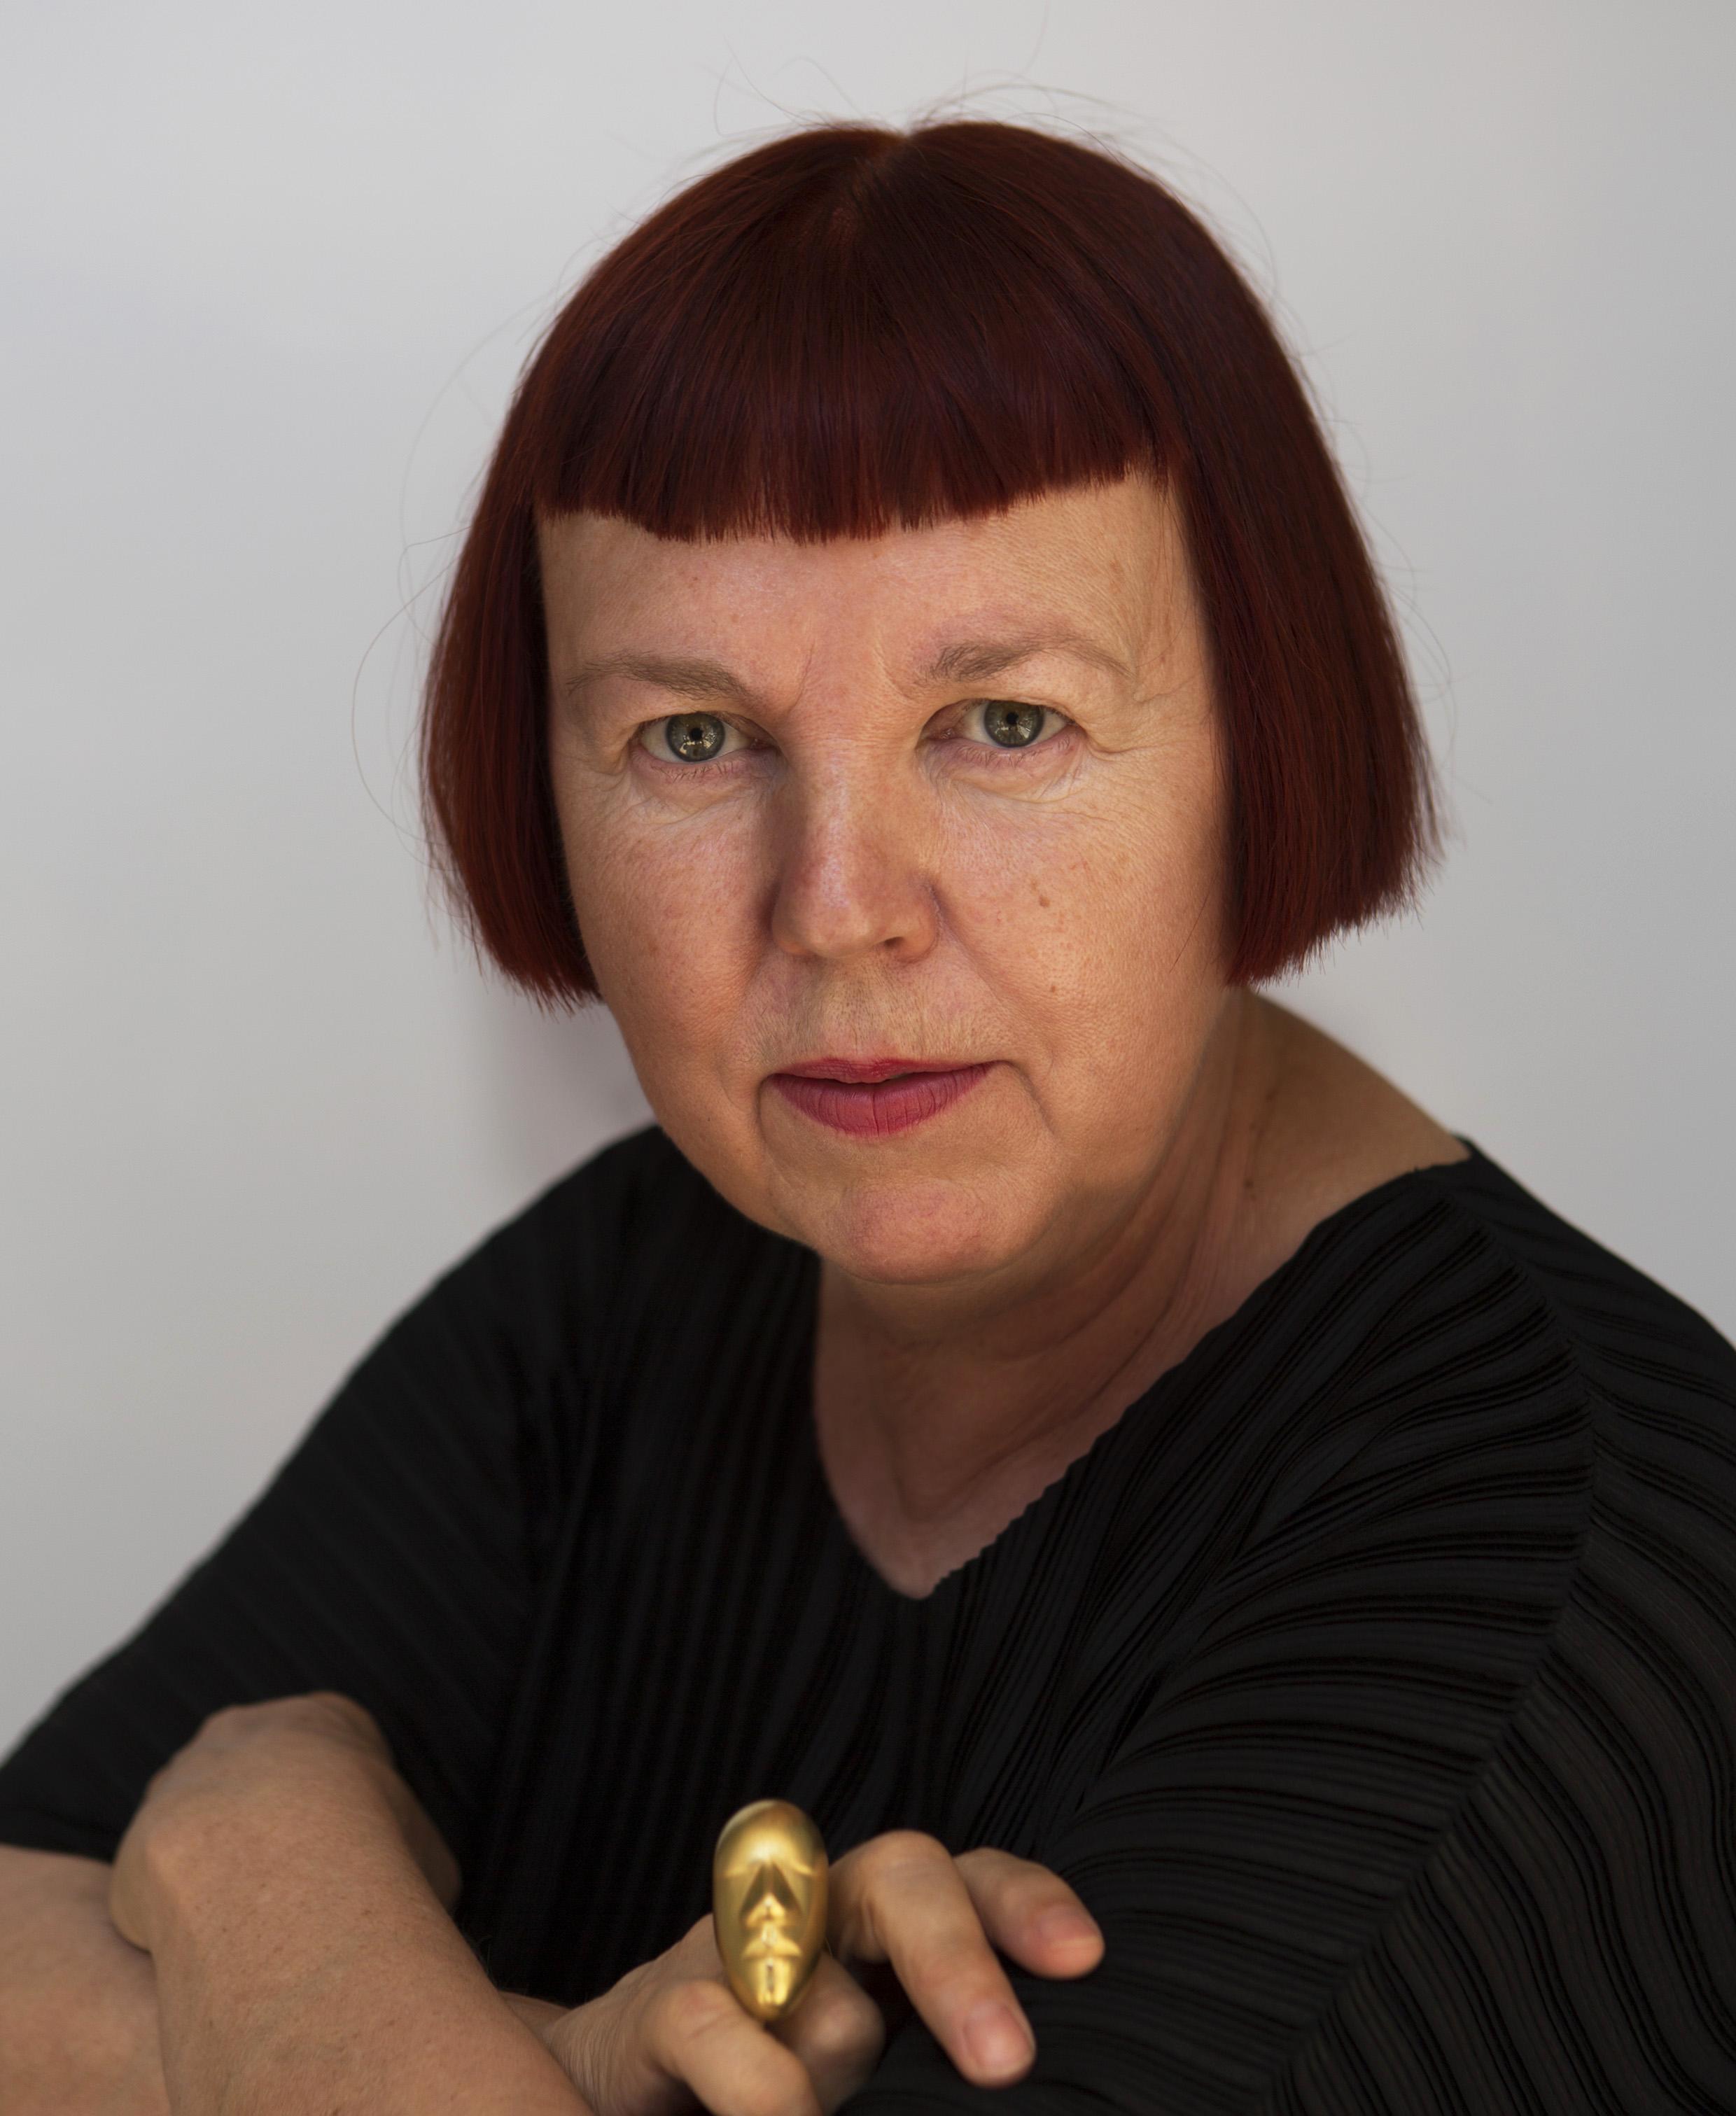 Margareth Sandström 2017, met ring van Margaret Sandström, 2011, portret, goud